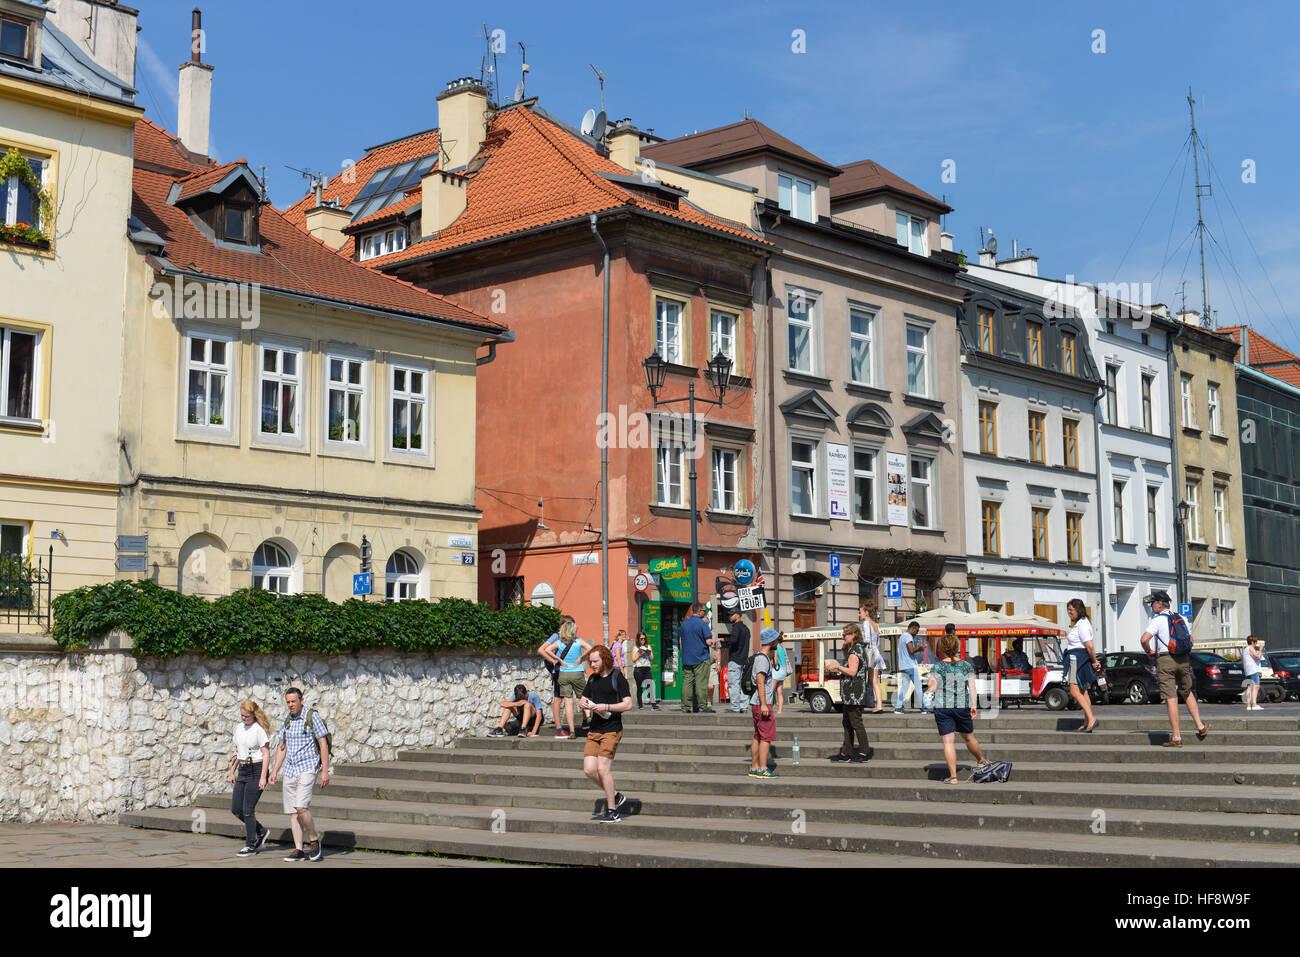 Touristen, Szeroka, Juedisches Viertel, Kazimierz, Krakau, Polen, Tourists, Jewish quarter, Cracow, Poland - Stock Image